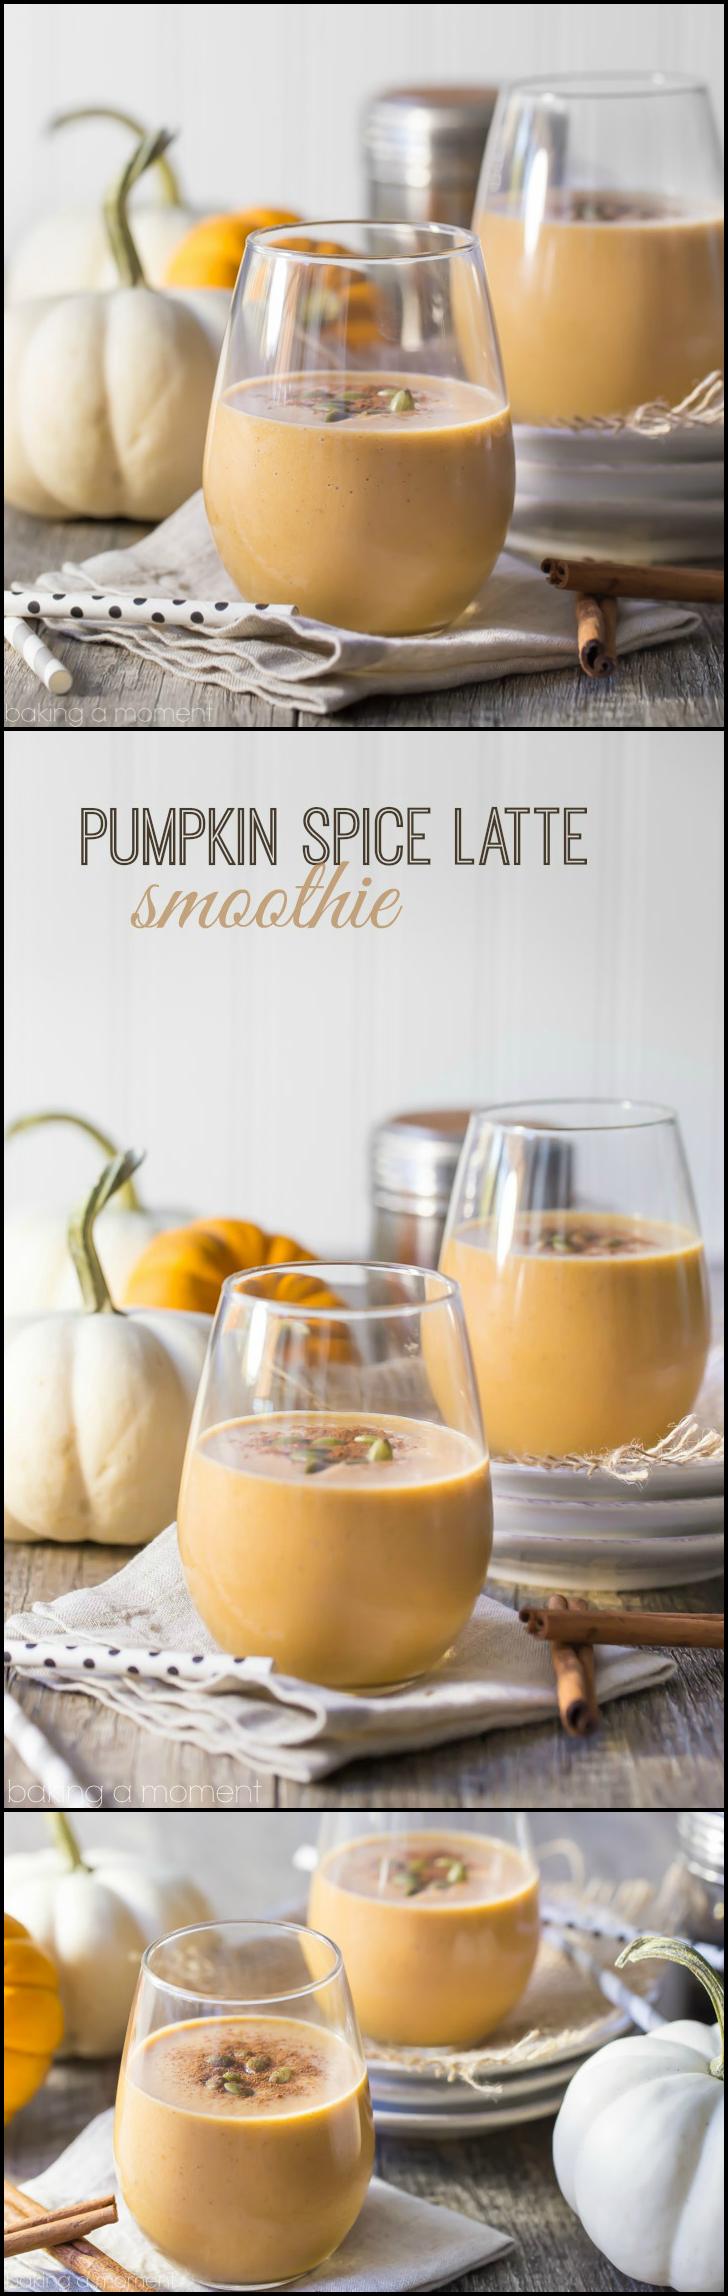 pumpkin spice latte smoothie rezept kitchen. Black Bedroom Furniture Sets. Home Design Ideas